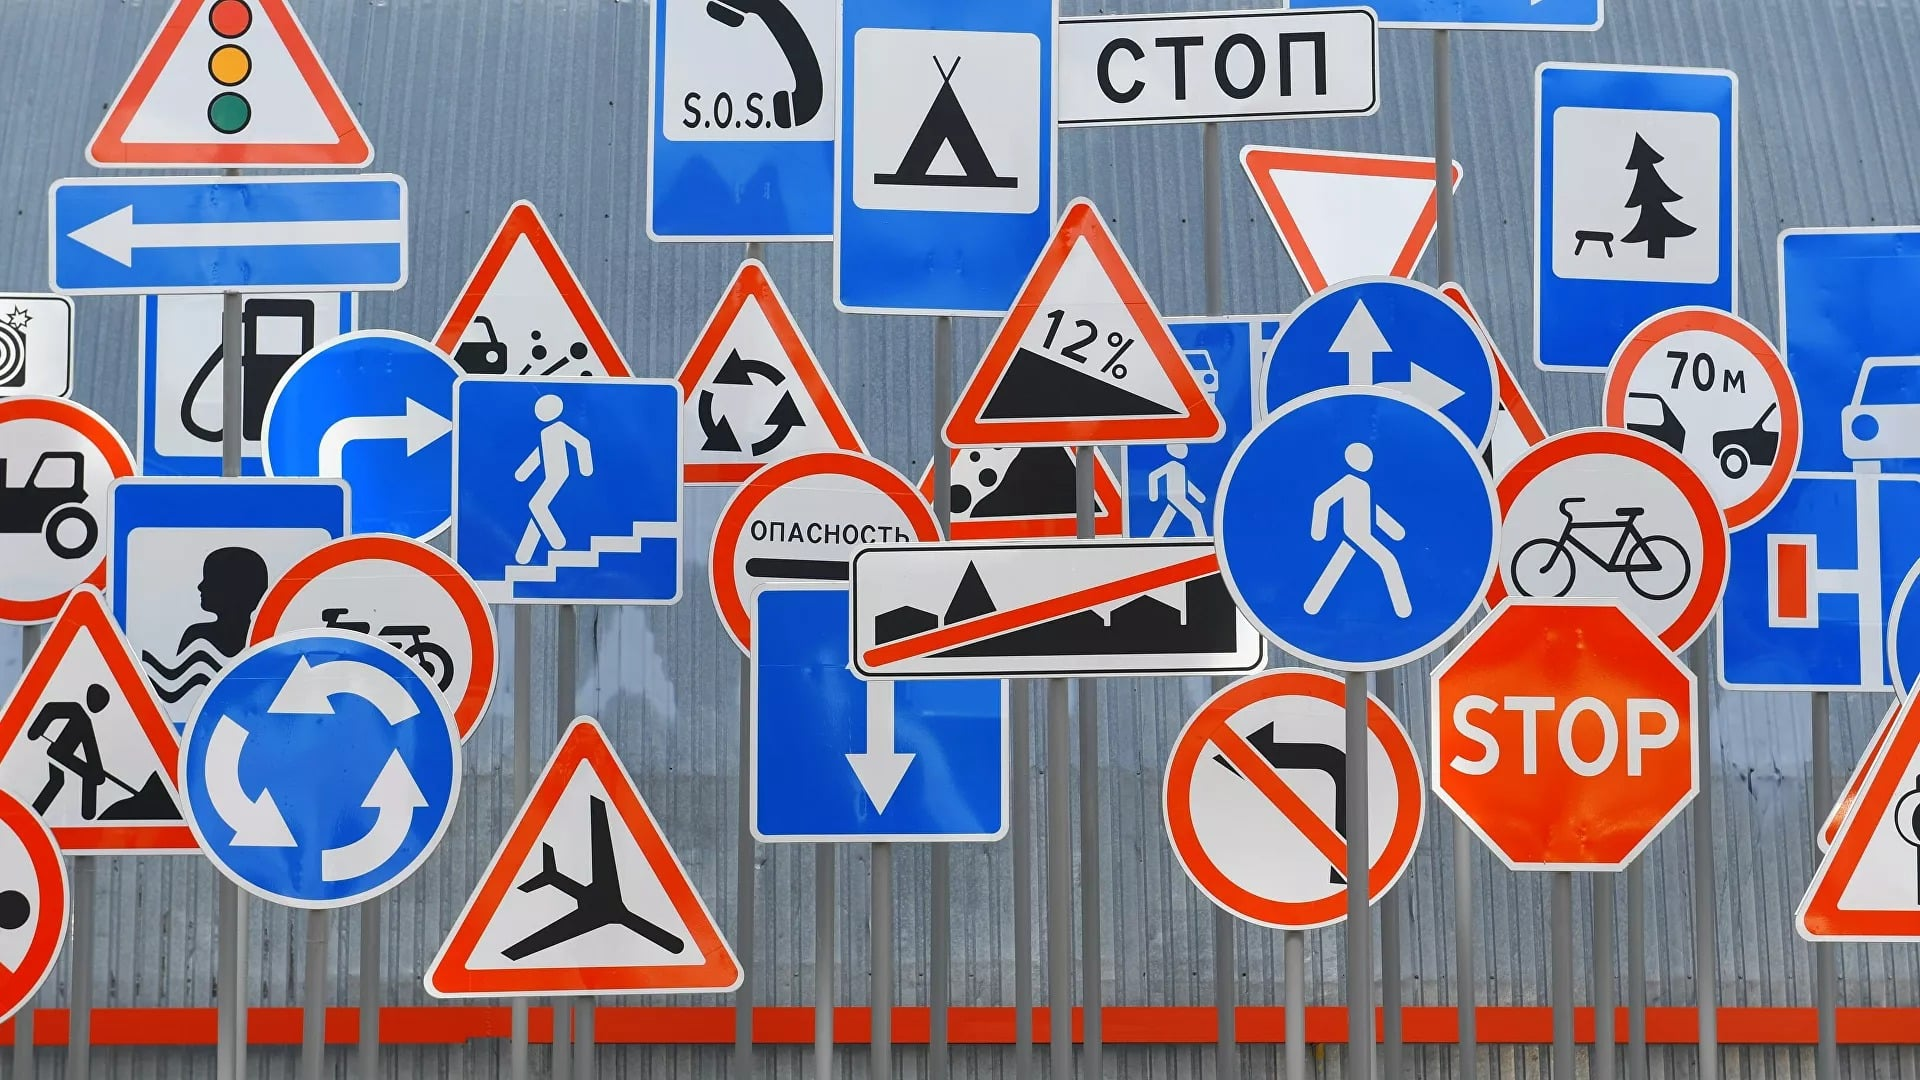 Штрафовать за неоплаченный проезд по платным дорогам начали в России